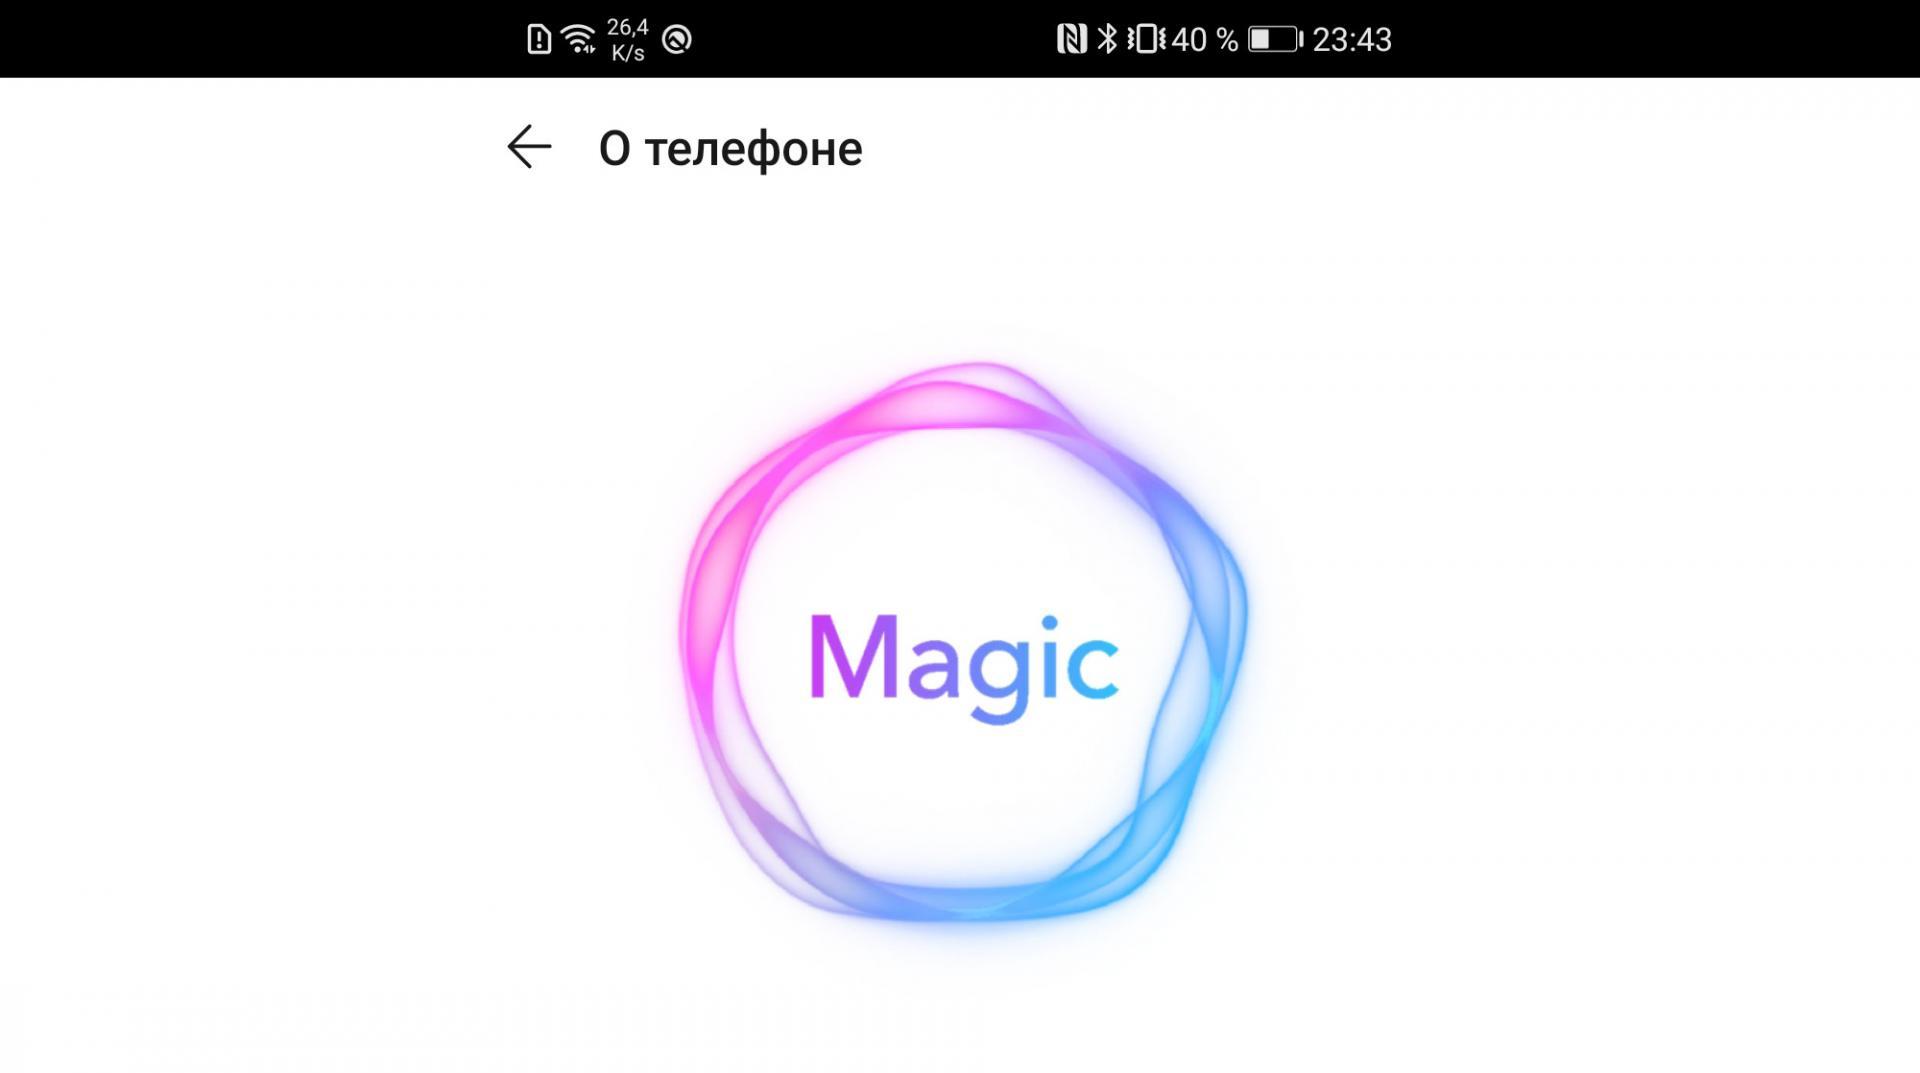 Honor 10, Huawei P20 иещё 3 смартфона обновляются доEMUI 10 иMagic UI3.0